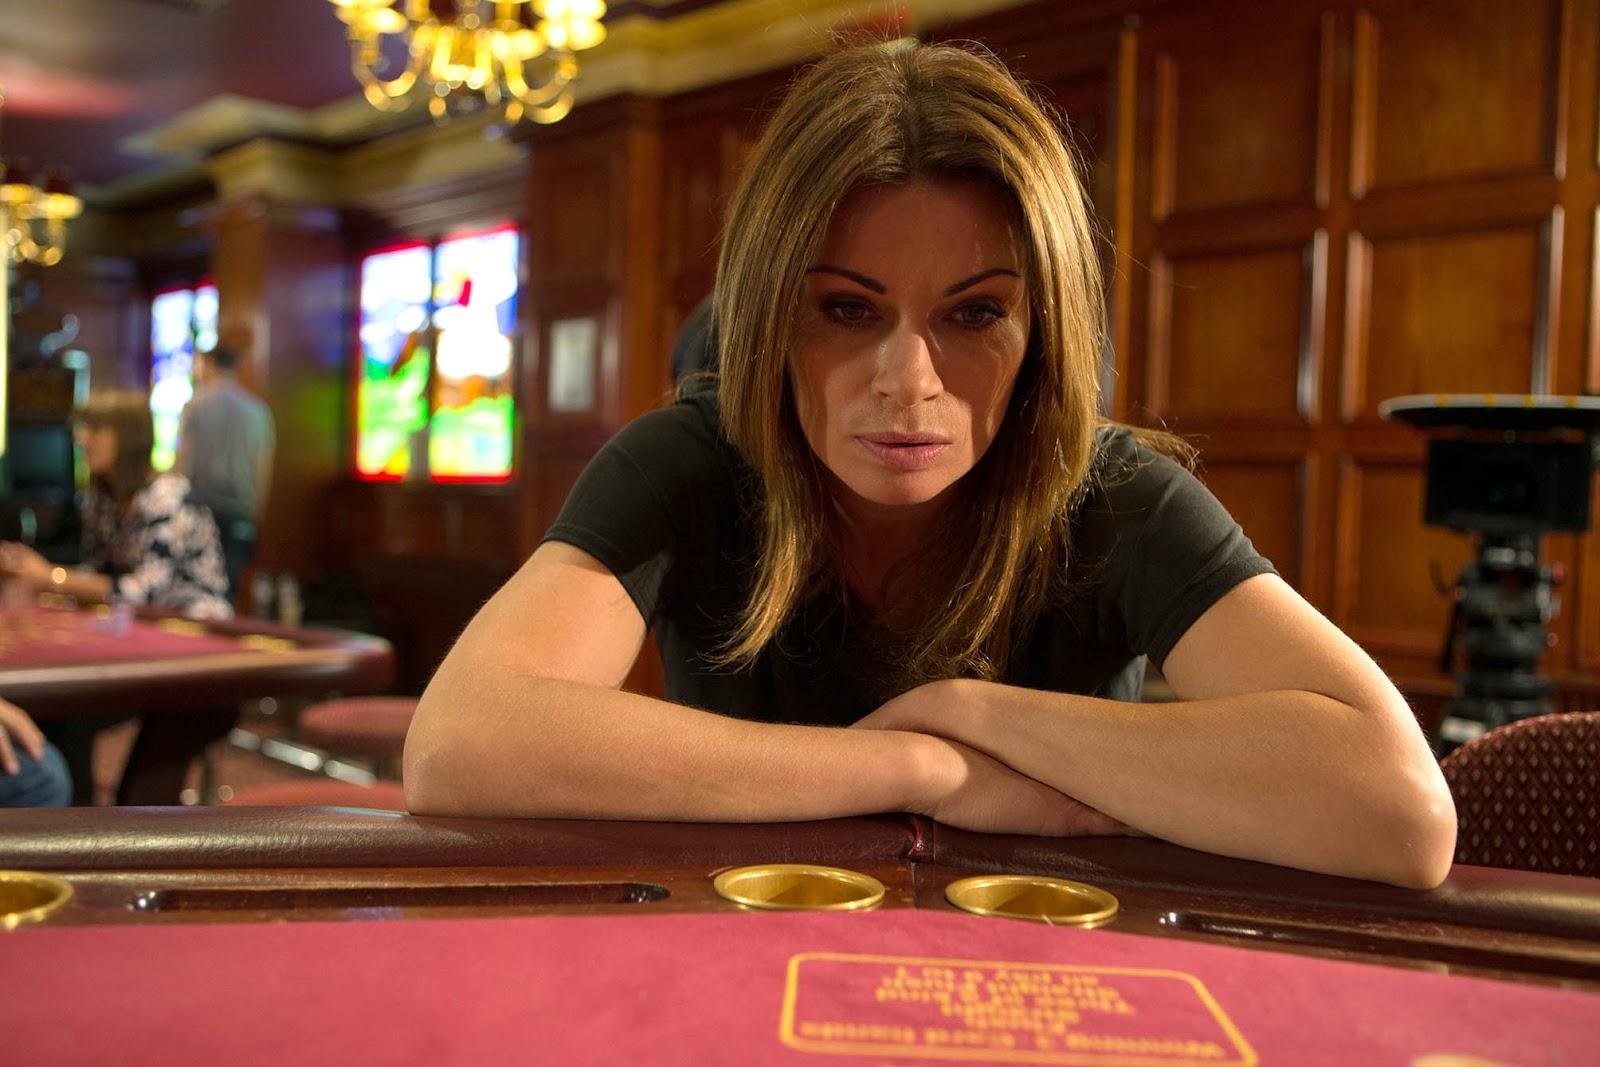 Carla casino